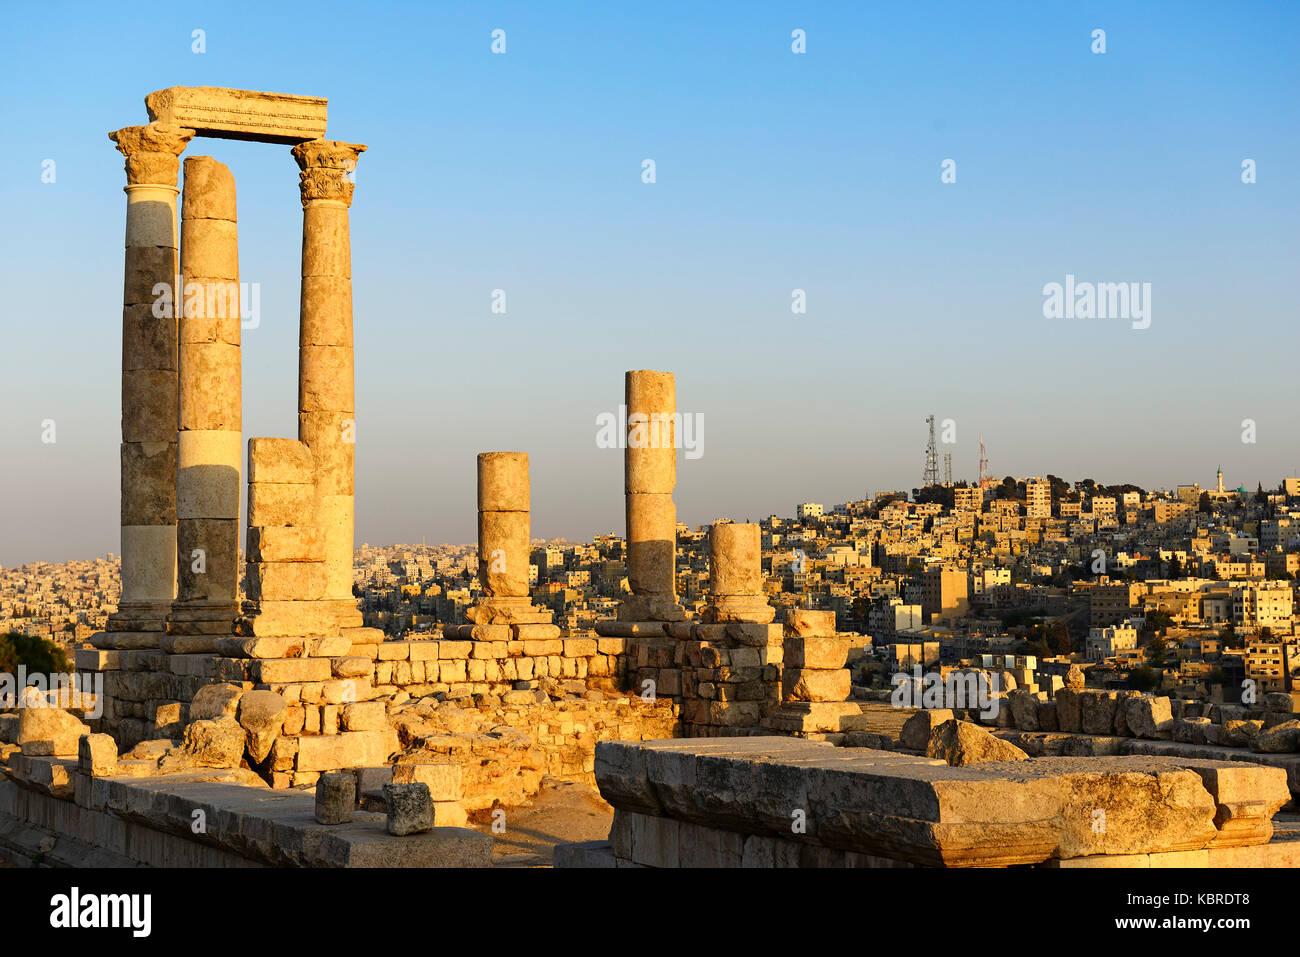 Antico romano di Philadelphia, il tempio di Ercole a Cittadella, Amman, Giordania Immagini Stock